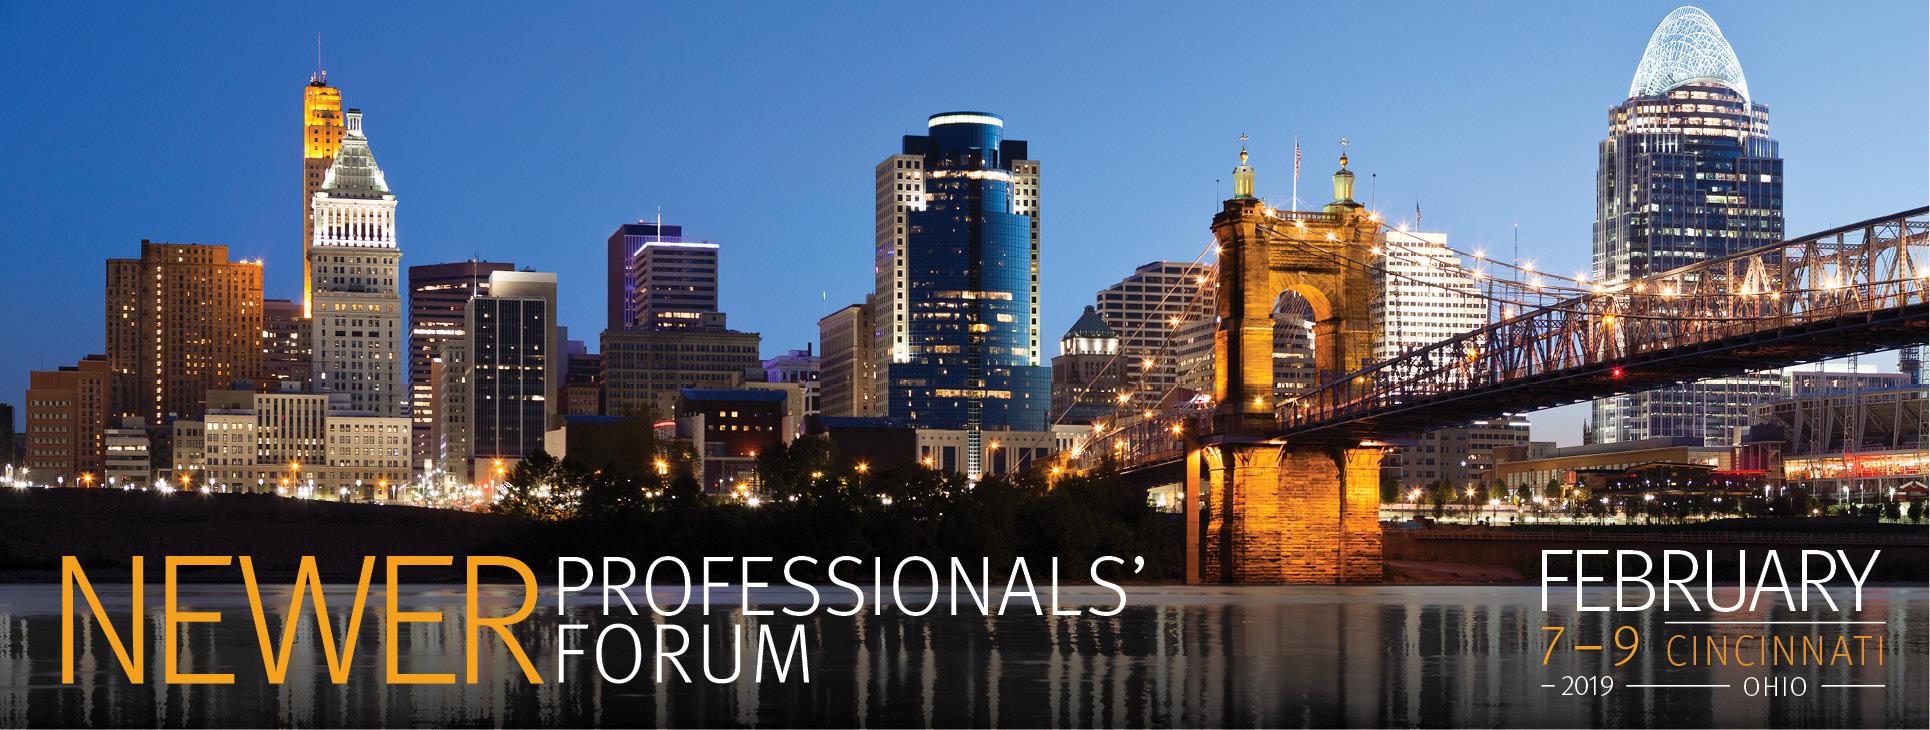 2019 NALP Newer Professionals' Forum